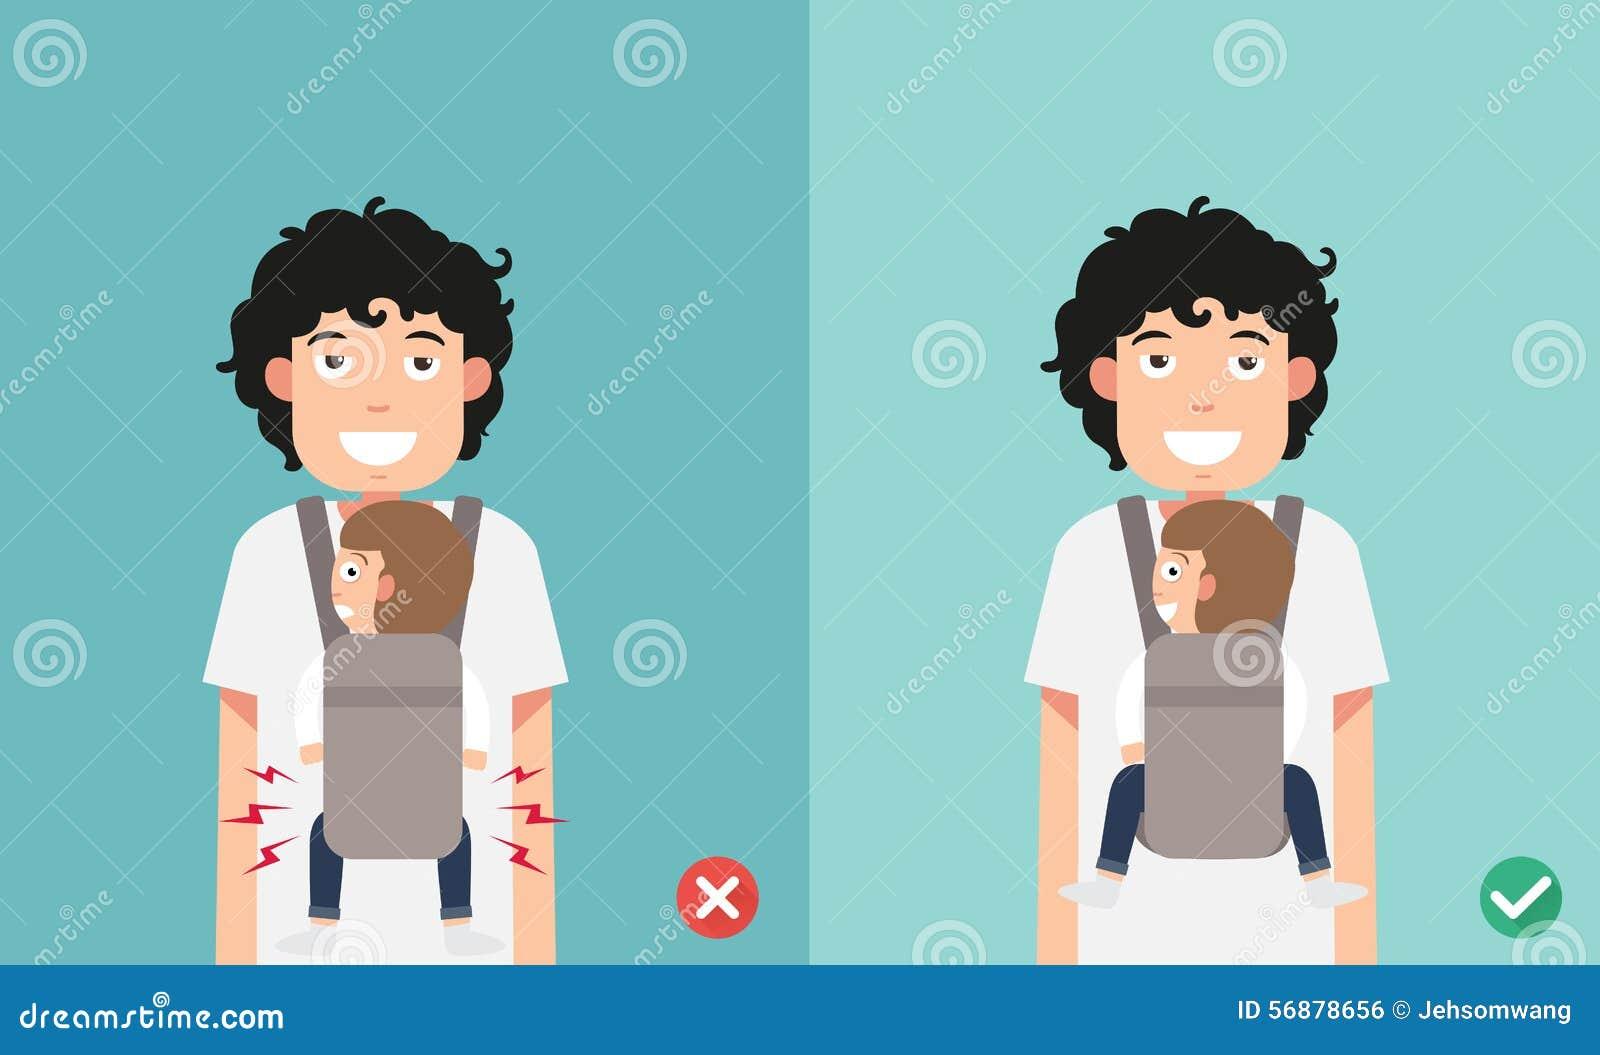 Niño de las posiciones mejores y peores para la prevención de la displasia de la cadera